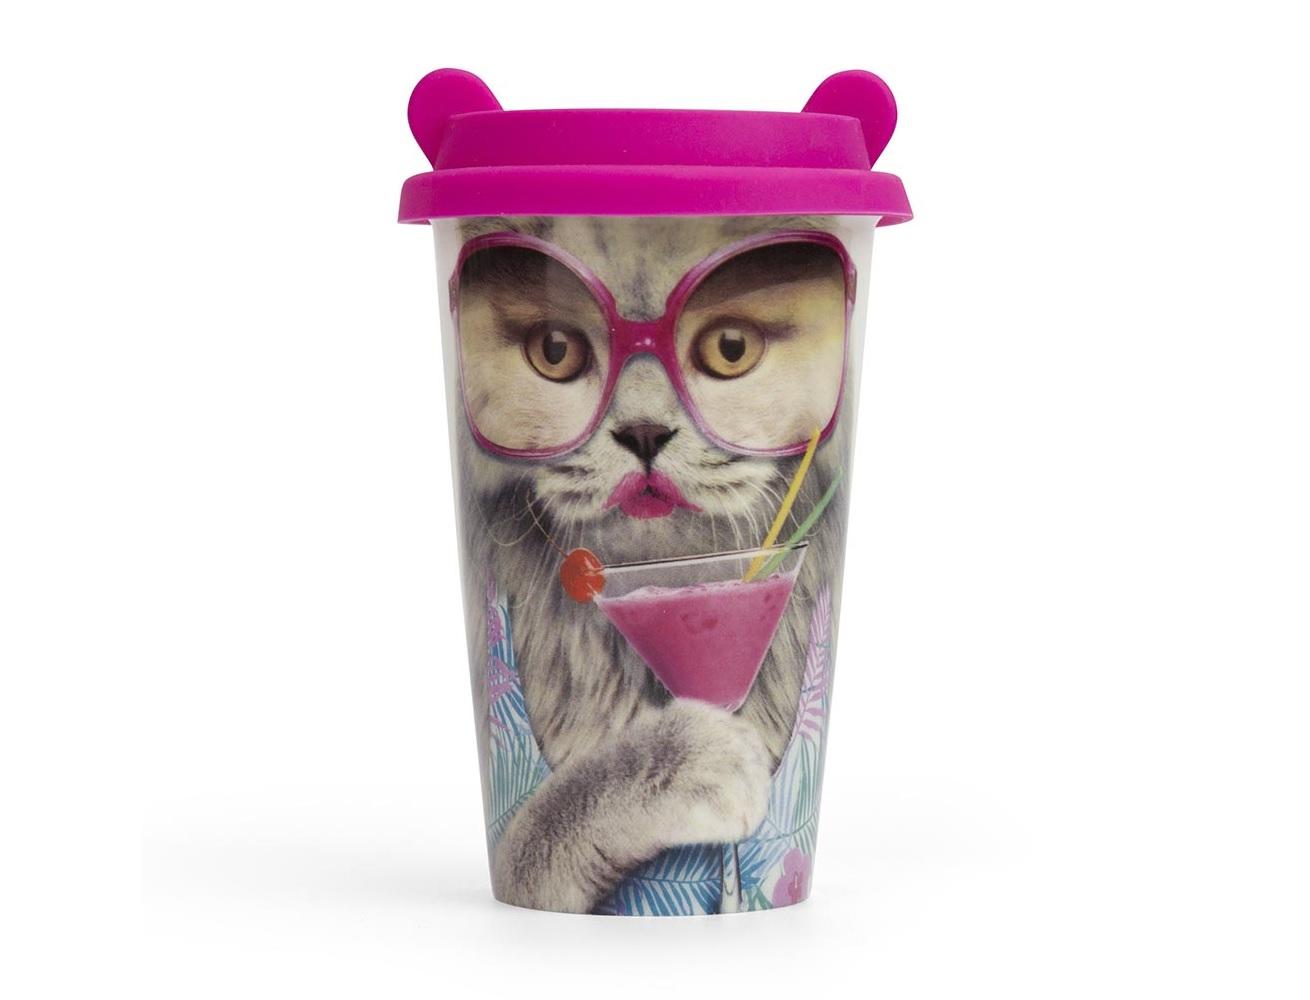 Стакан для кофе catЧайные пары, чашки и кружки<br>Любите кофе и выглядеть стильно? Этот стакан отразит обе ваши привязанности! Двойные стенки сохранят кофе горячим, крышка с ушами привлечёт внимание, а стильный дизайн отлично впишется в вашу жизнь. Стакан сделан из керамики и приятен в использовании. Больше кофе и больше хорошего настроения!<br><br>Material: Керамика<br>Высота см: 16